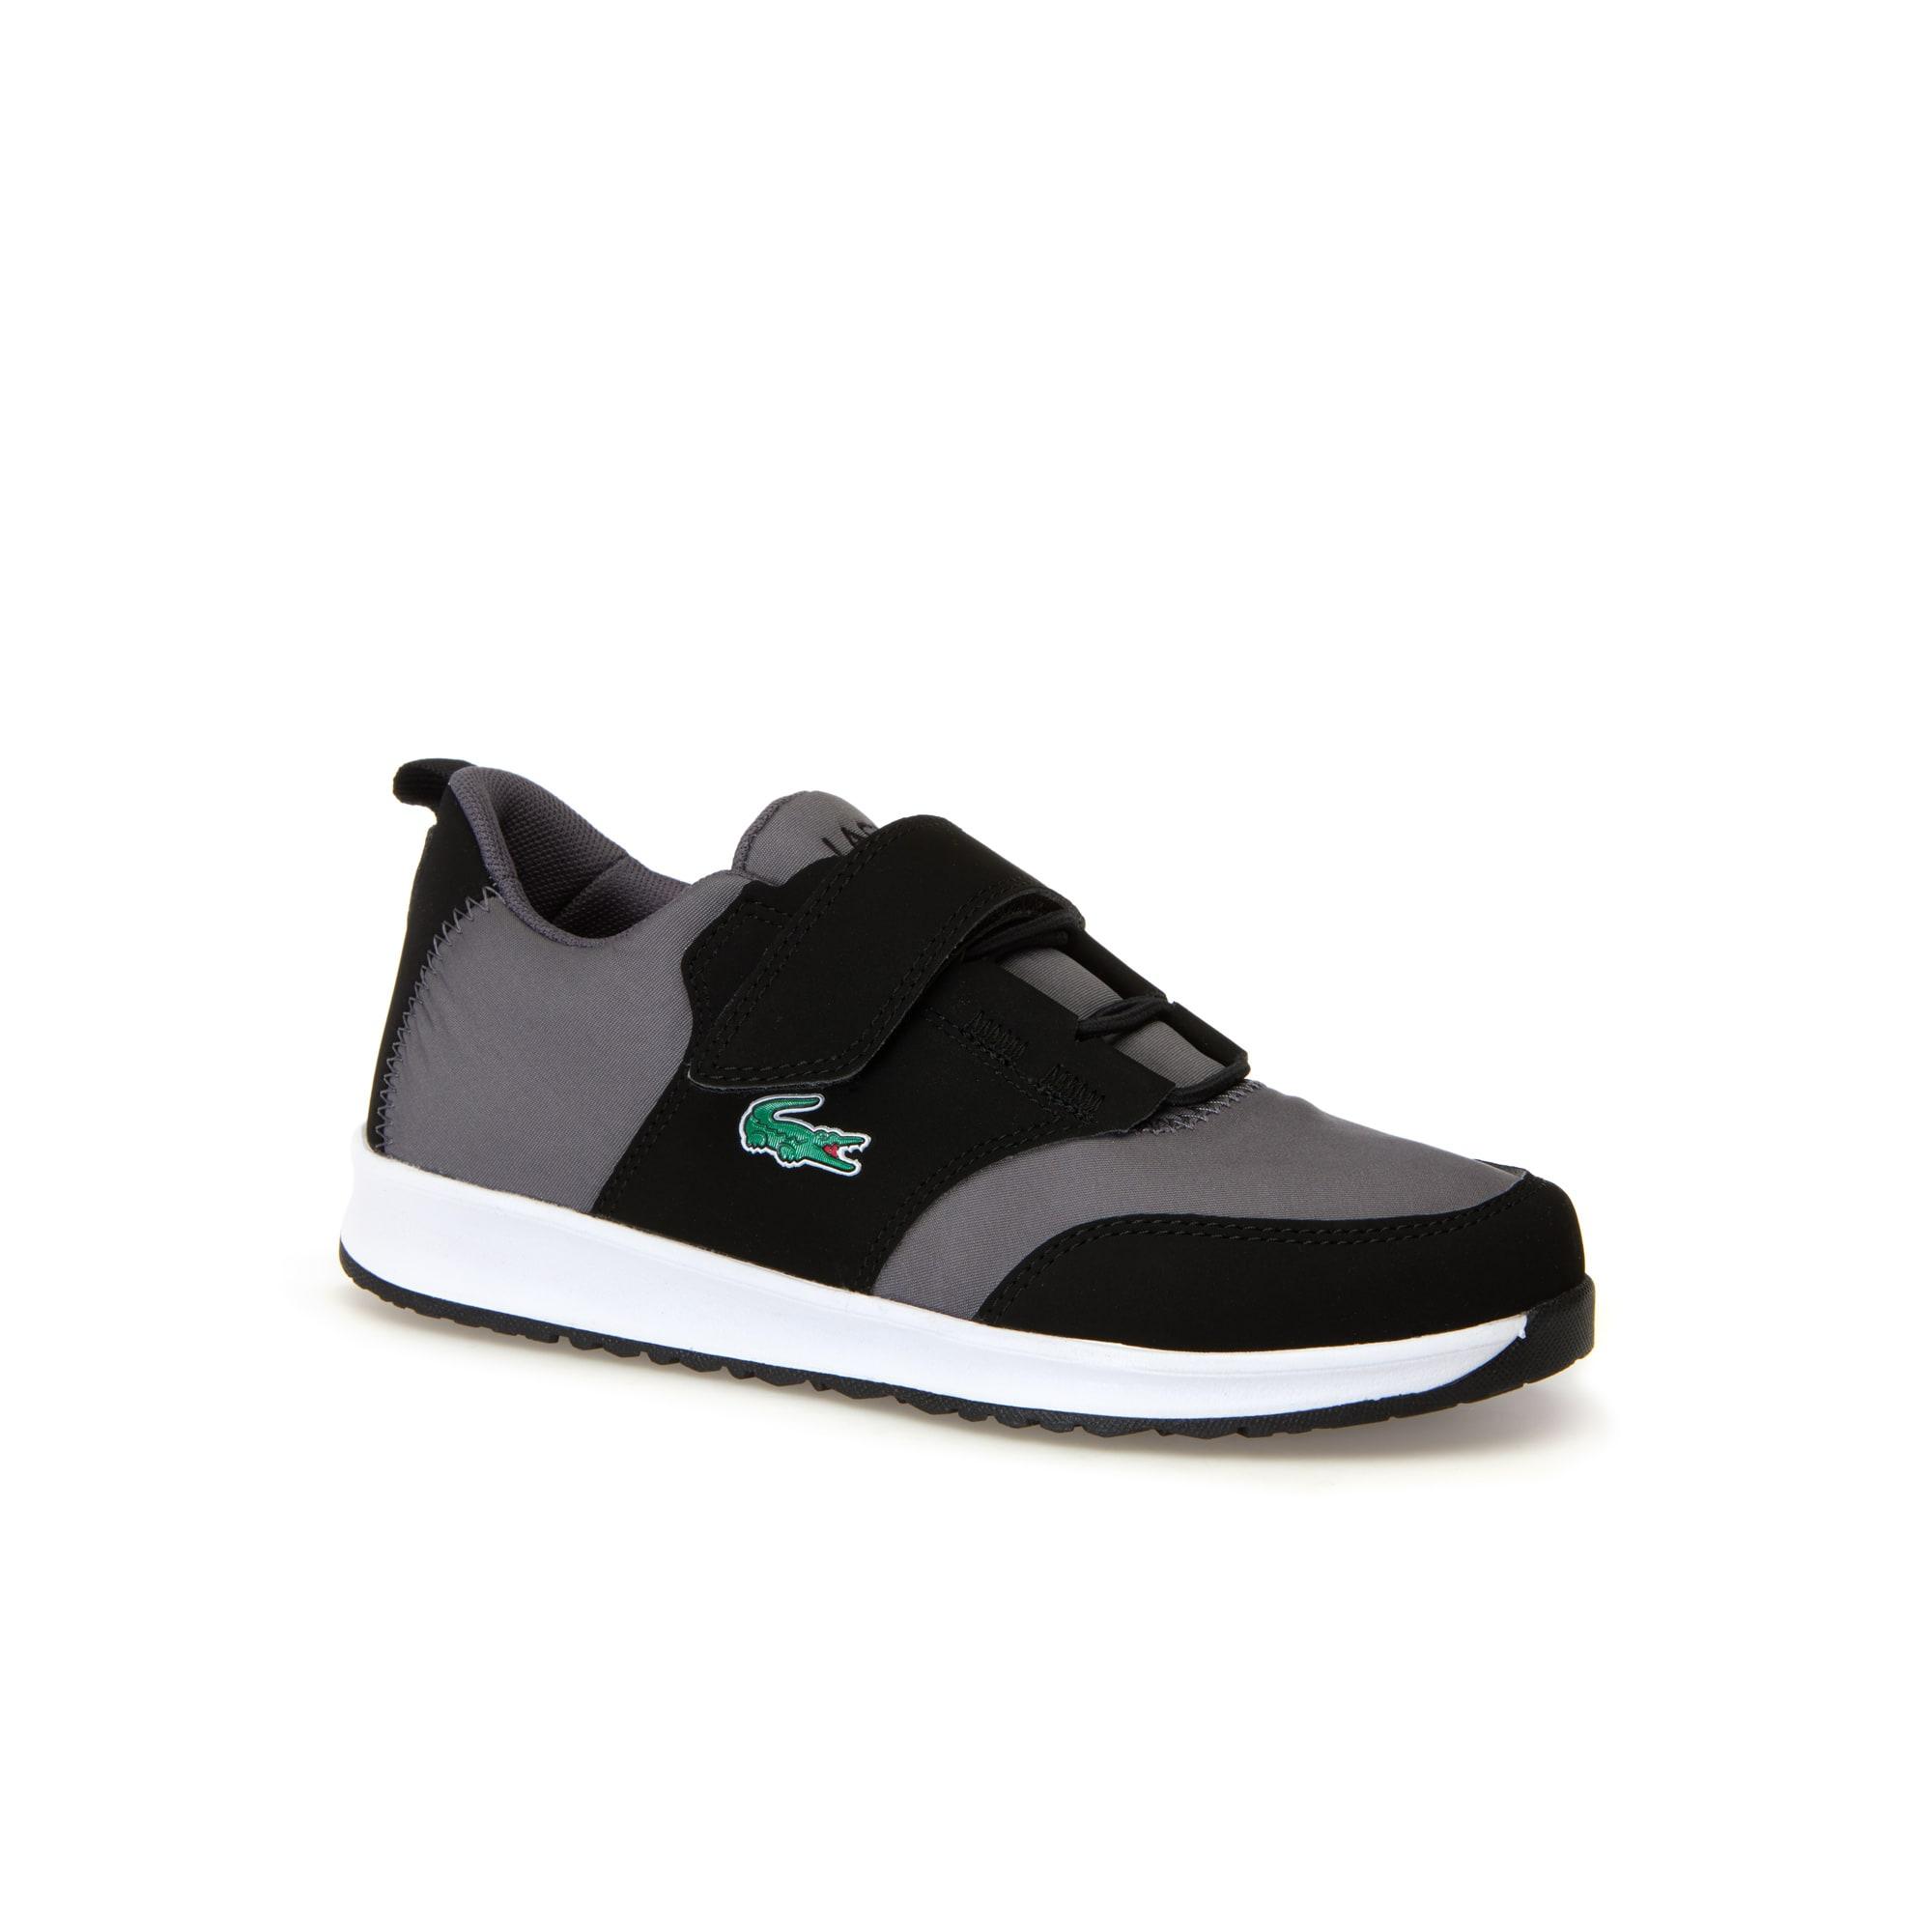 110d8c8e3 Polo shirts, shoes, leather goods | LACOSTE Online Boutique